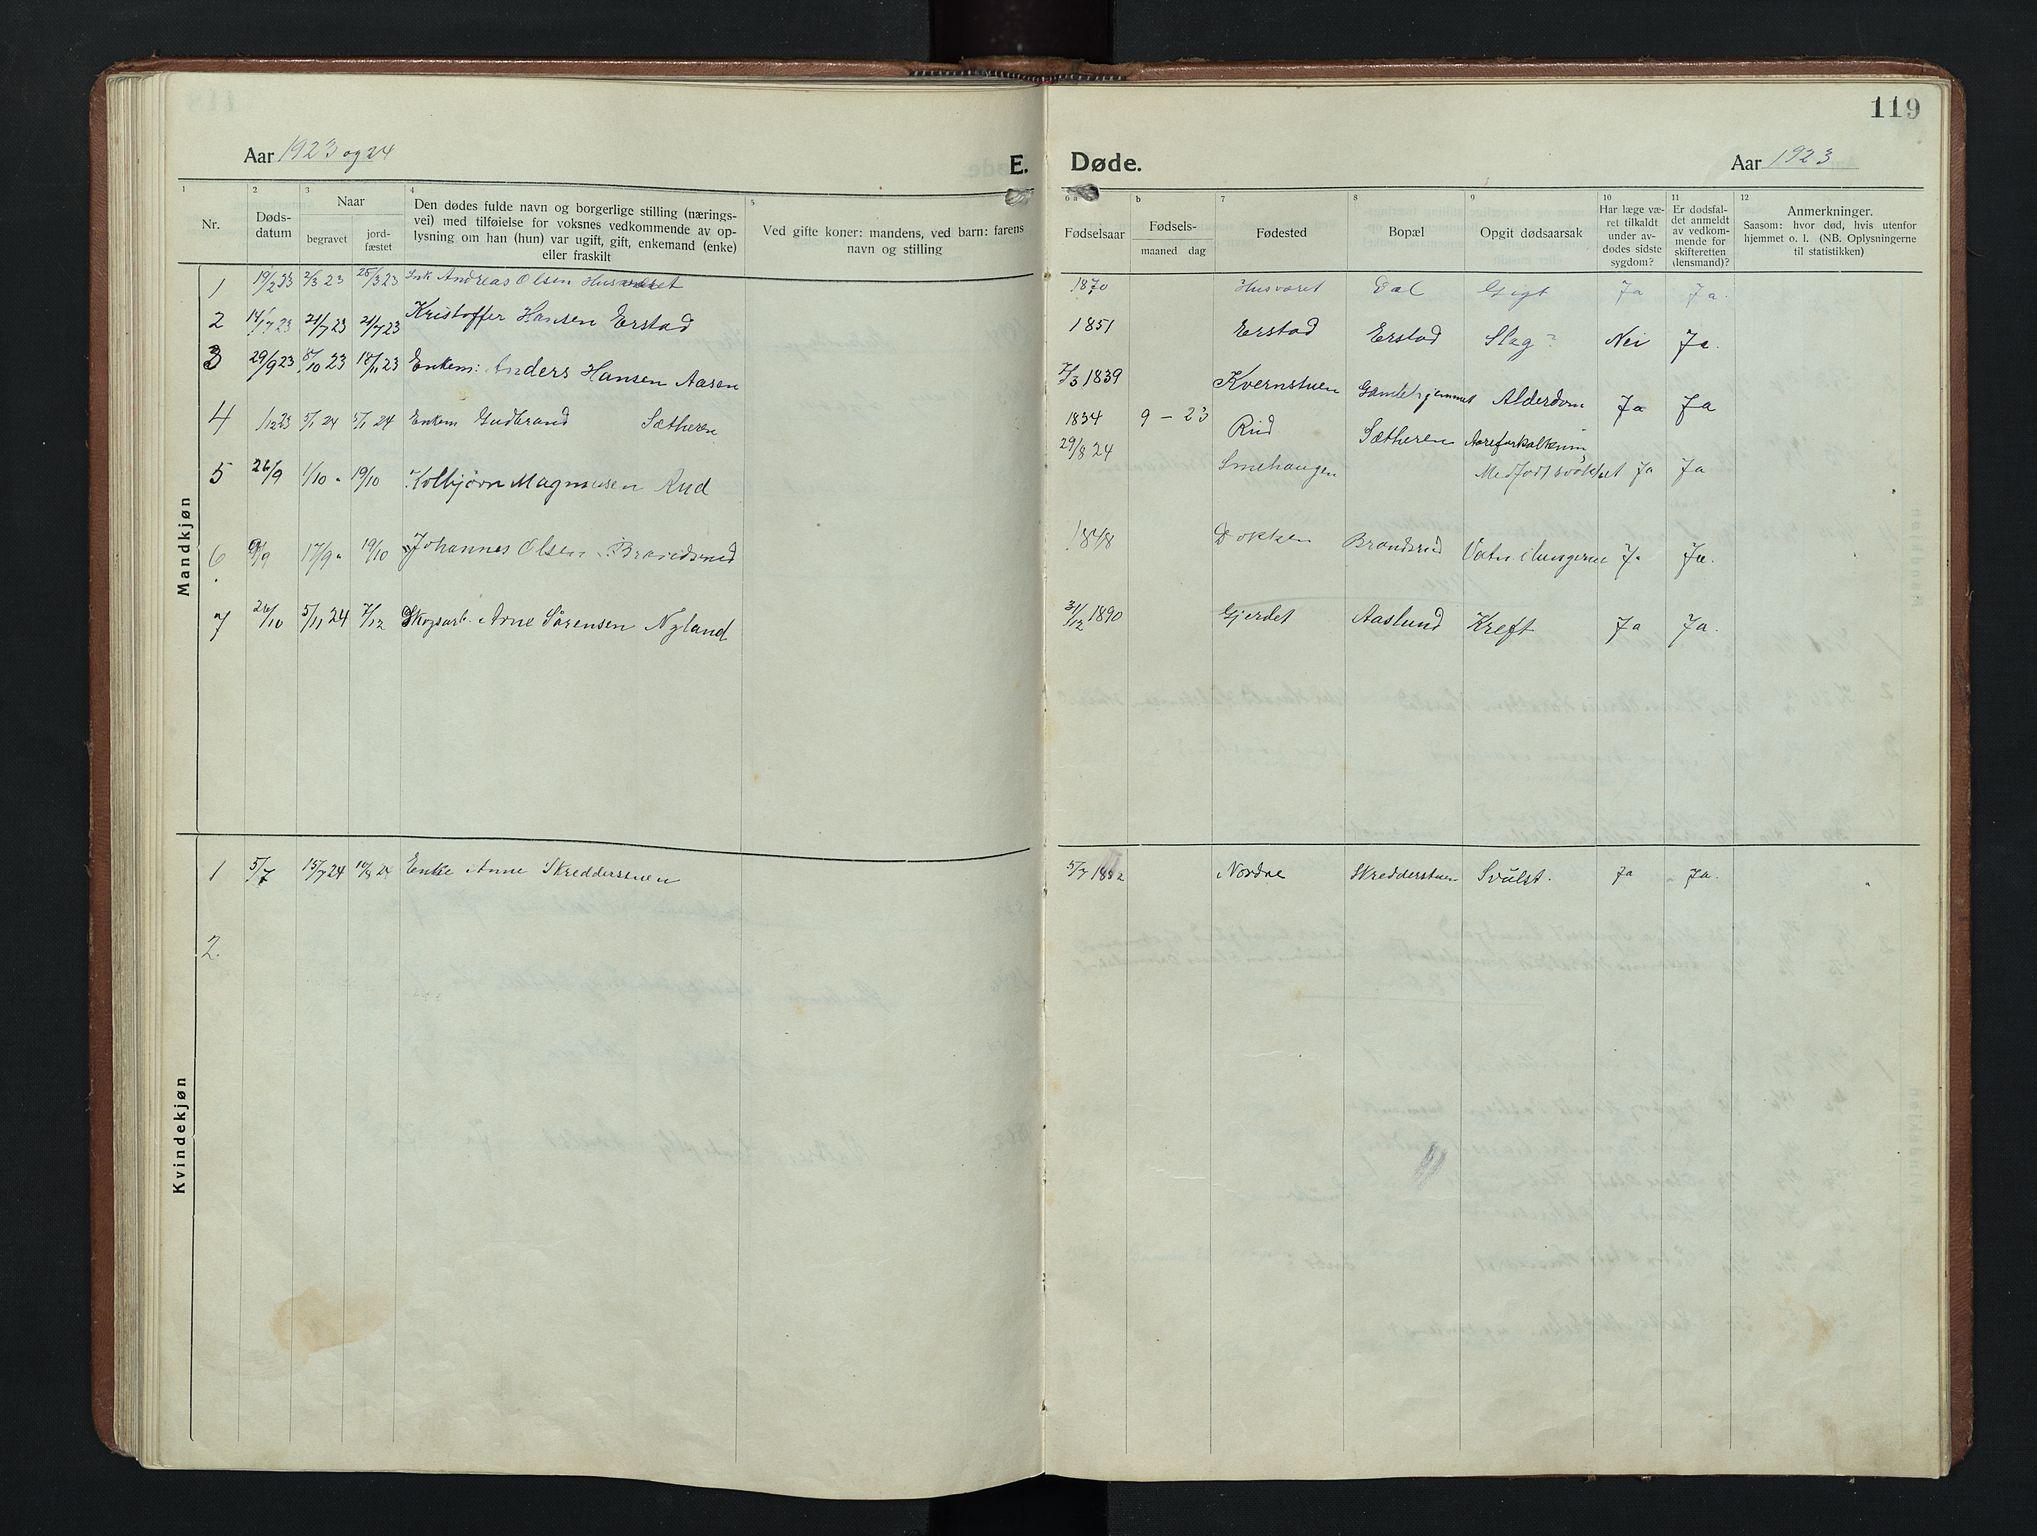 SAH, Nordre Land prestekontor, Klokkerbok nr. 9, 1921-1956, s. 119